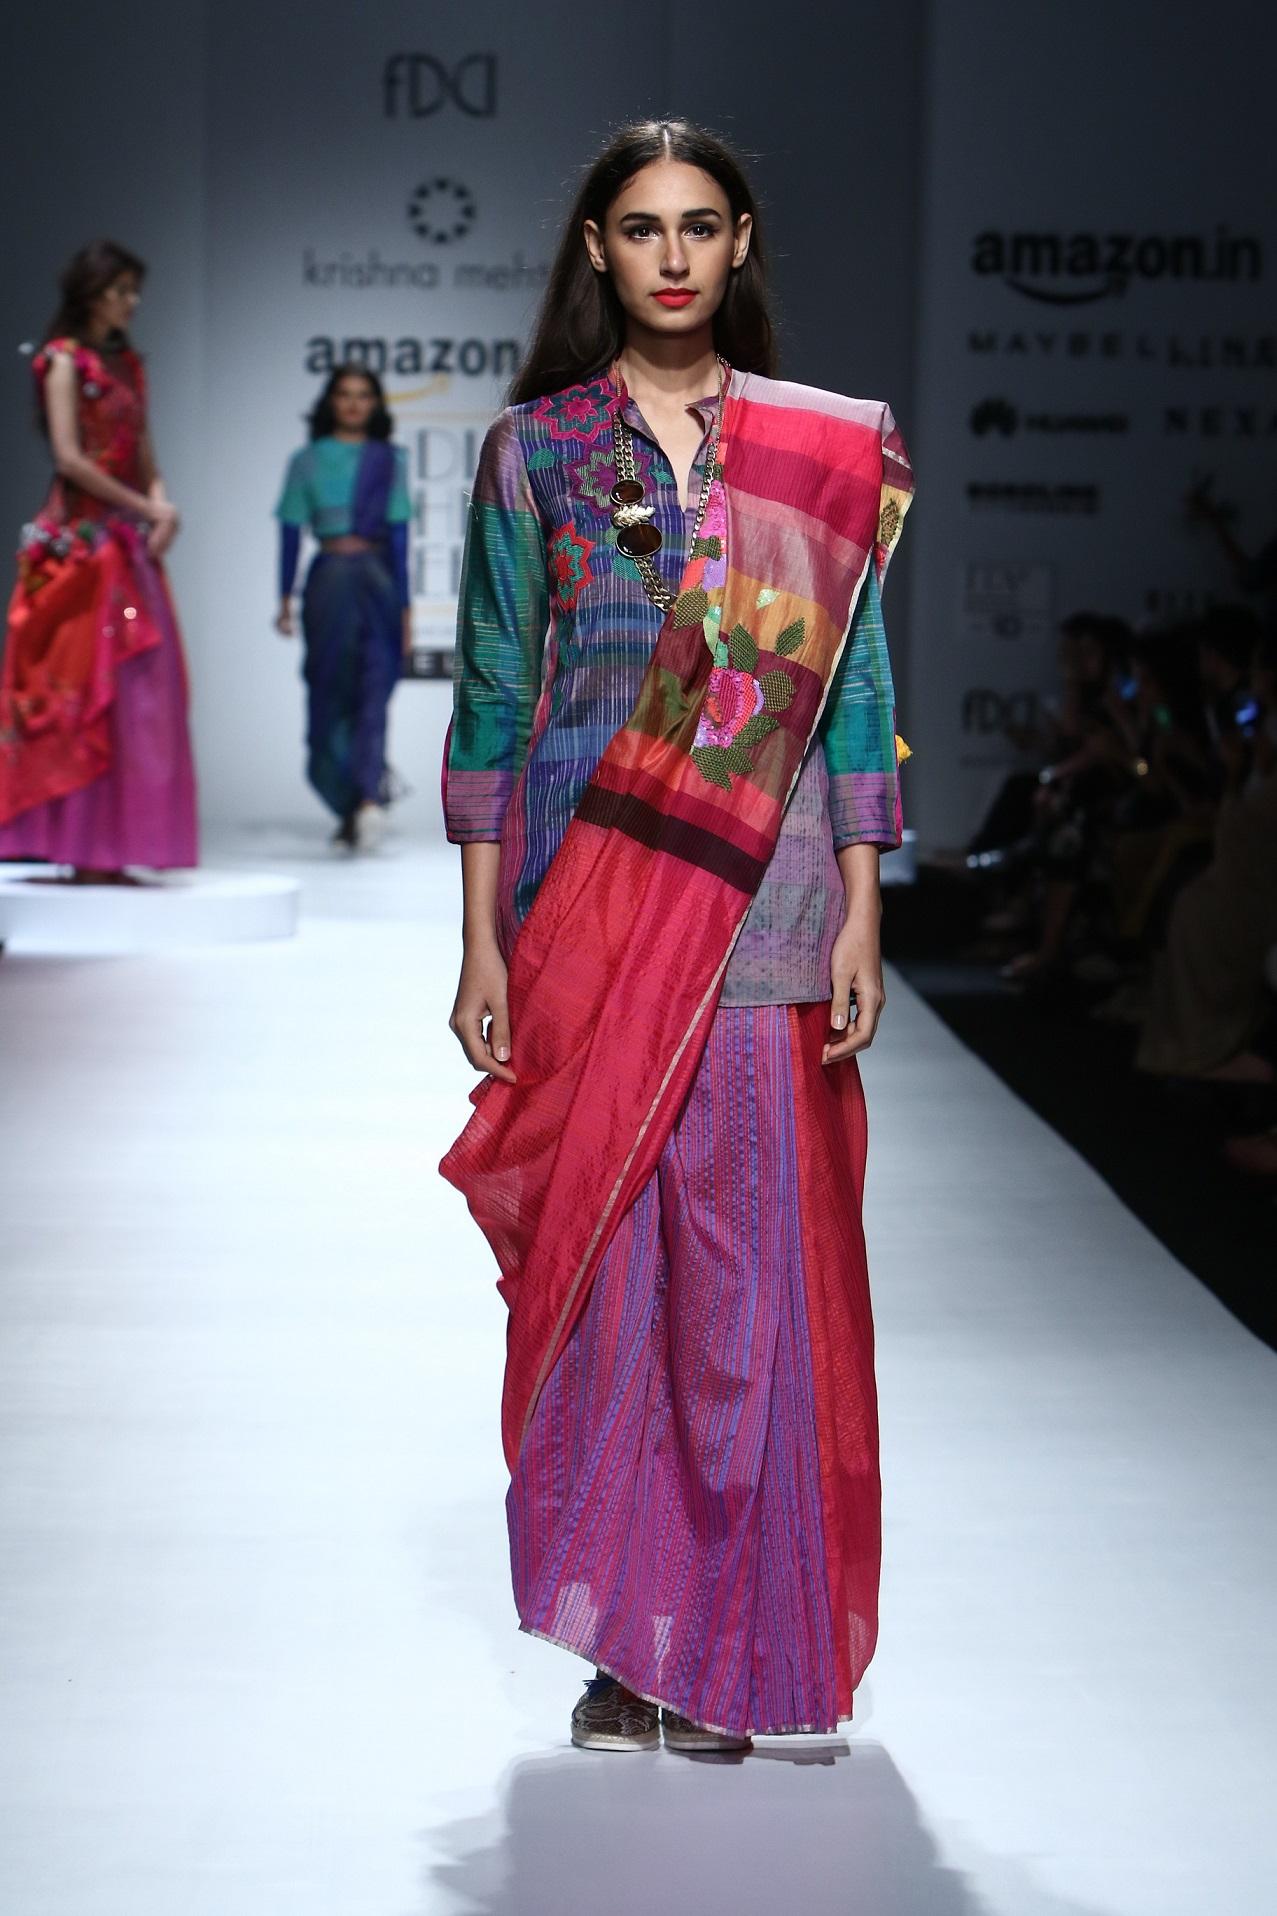 aad06aabe968 Amazon India Fashion Week  Spring Summer 2017  DAY 1   HIGHLIGHTS ...